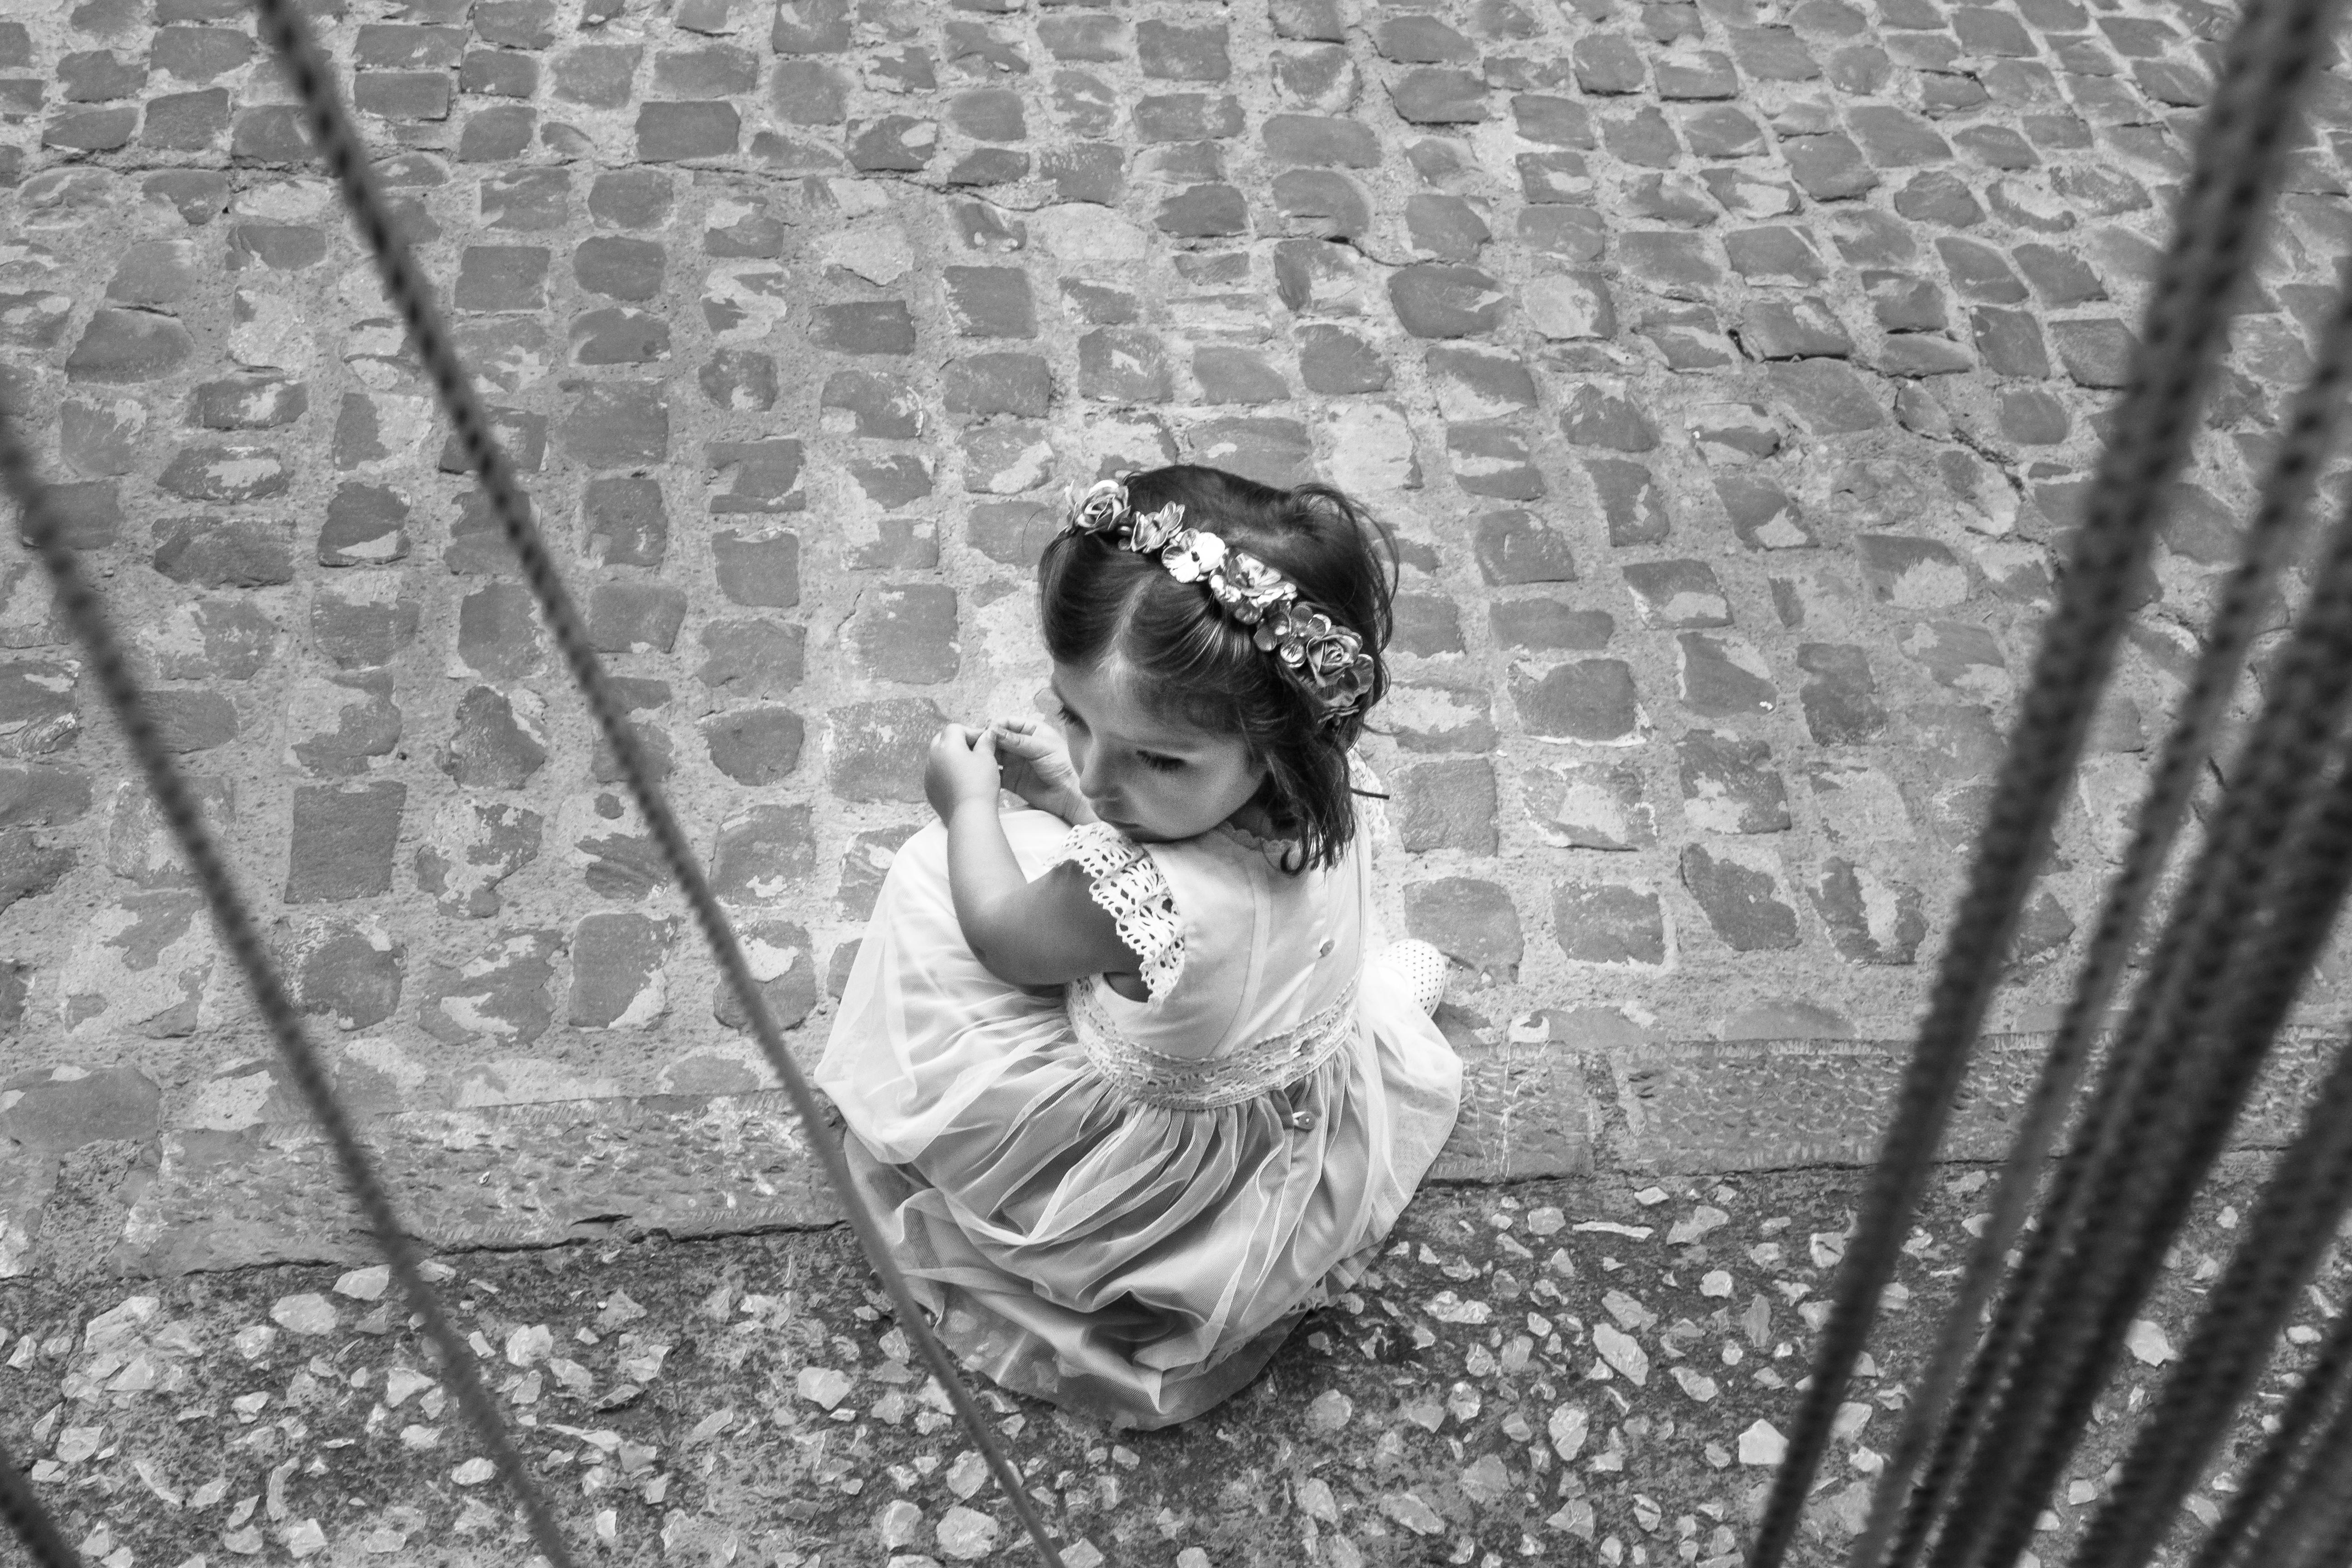 mandarina wedding, fotografos de boda, fotoperiodismo de boda, mejores fotografos de boda, bodas soria, bodas pirineo, bodas Madrid, fotógrafo daroca_04